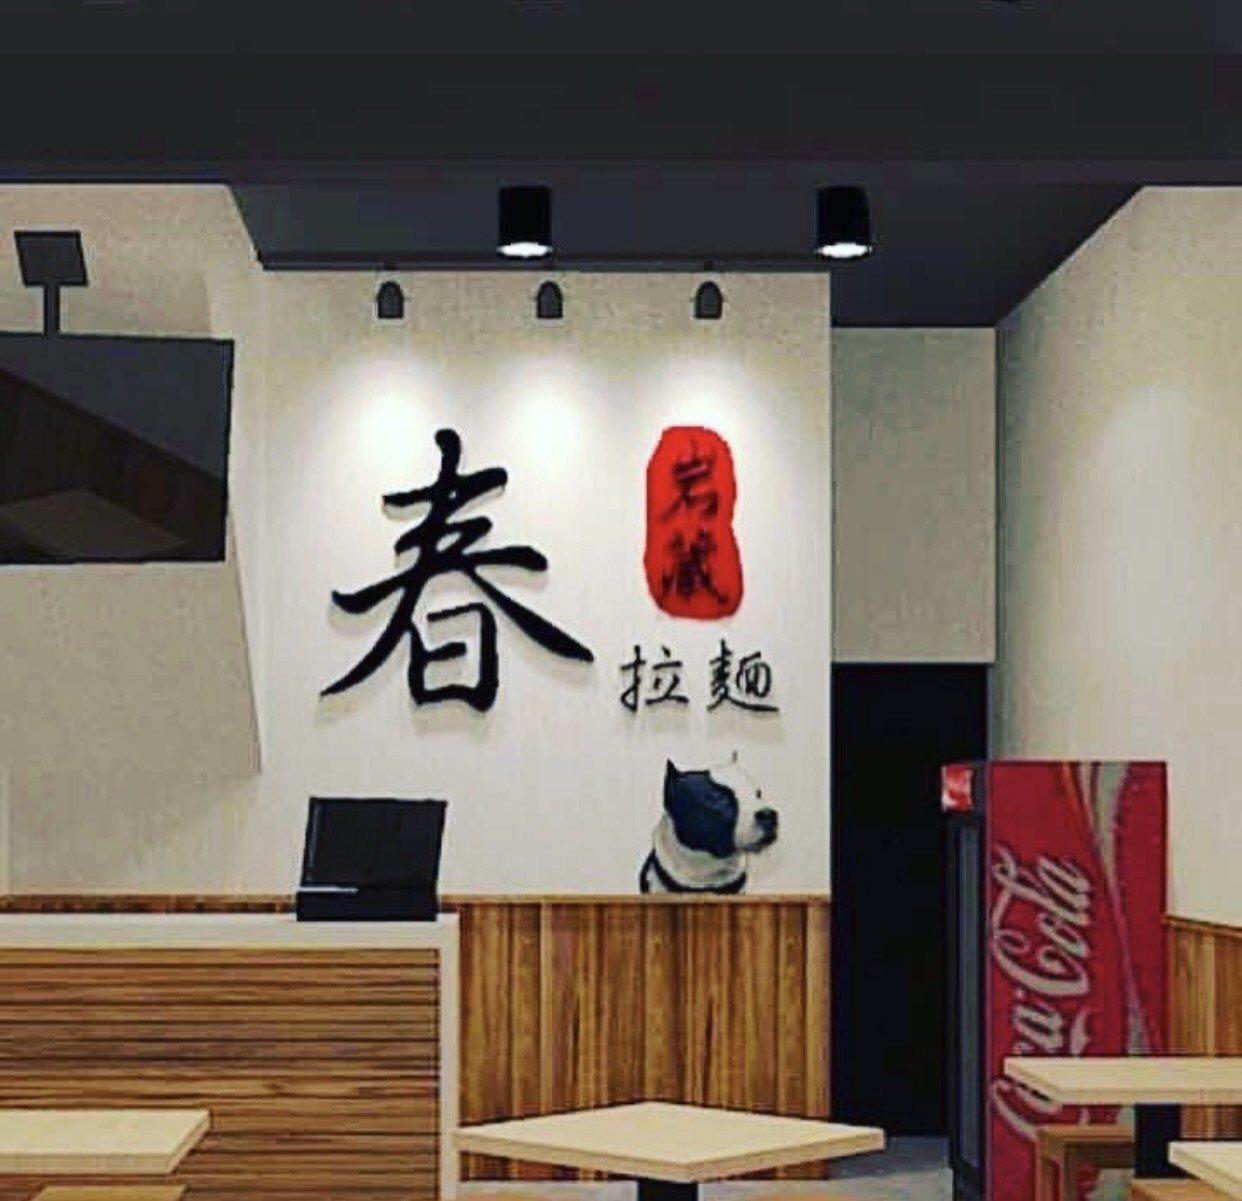 春風投資新拉麵店。圖/春風Instagram